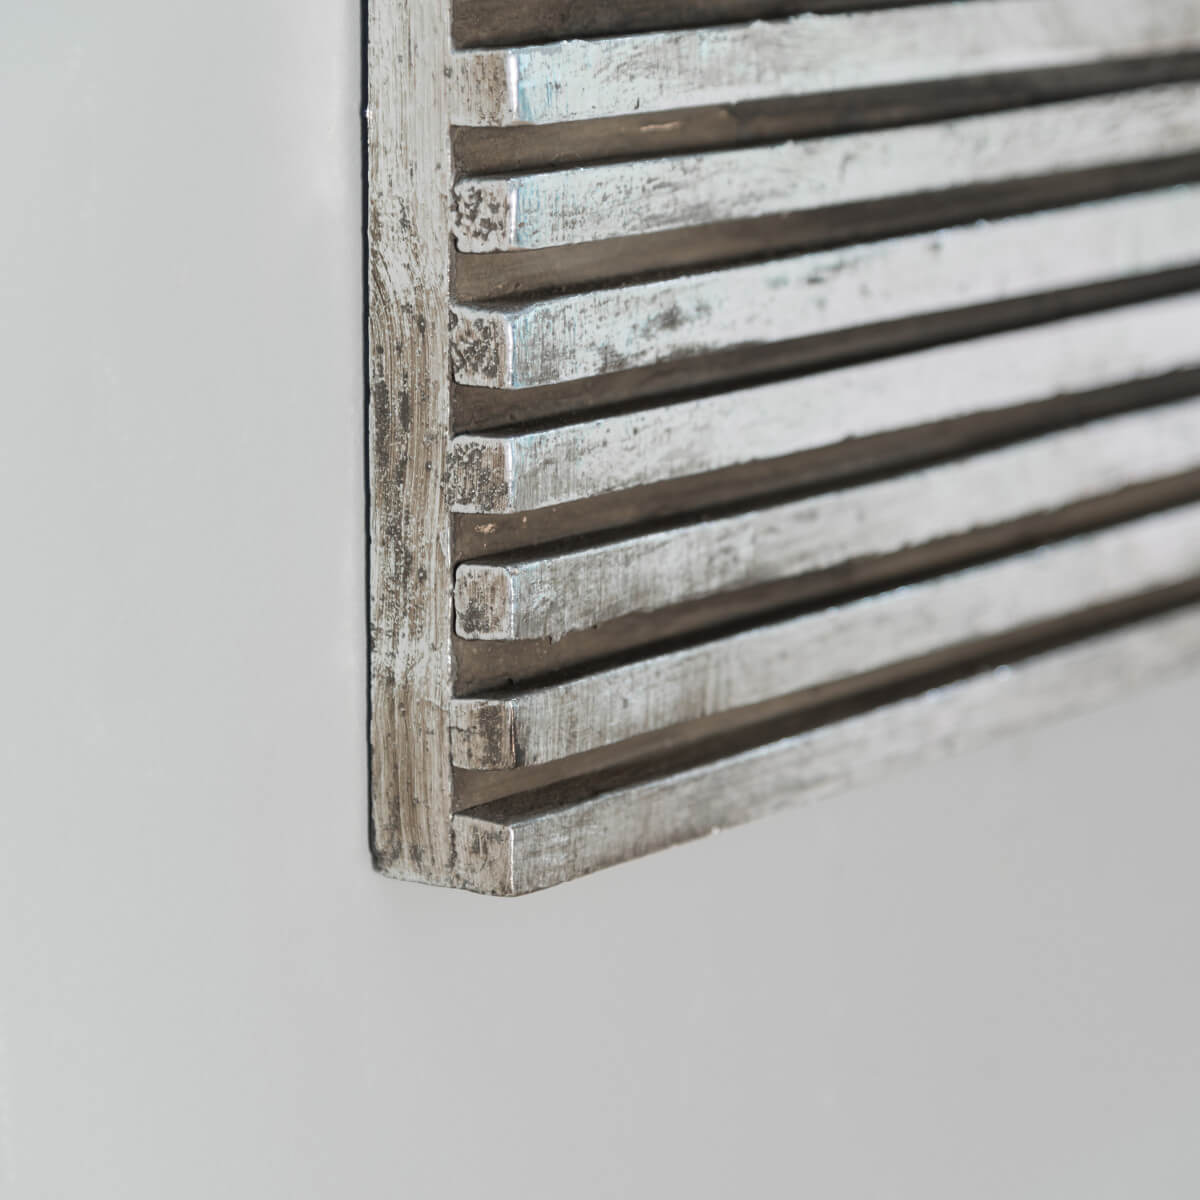 Miroir de d coration en bois massif art d co carr for Miroir deco bois